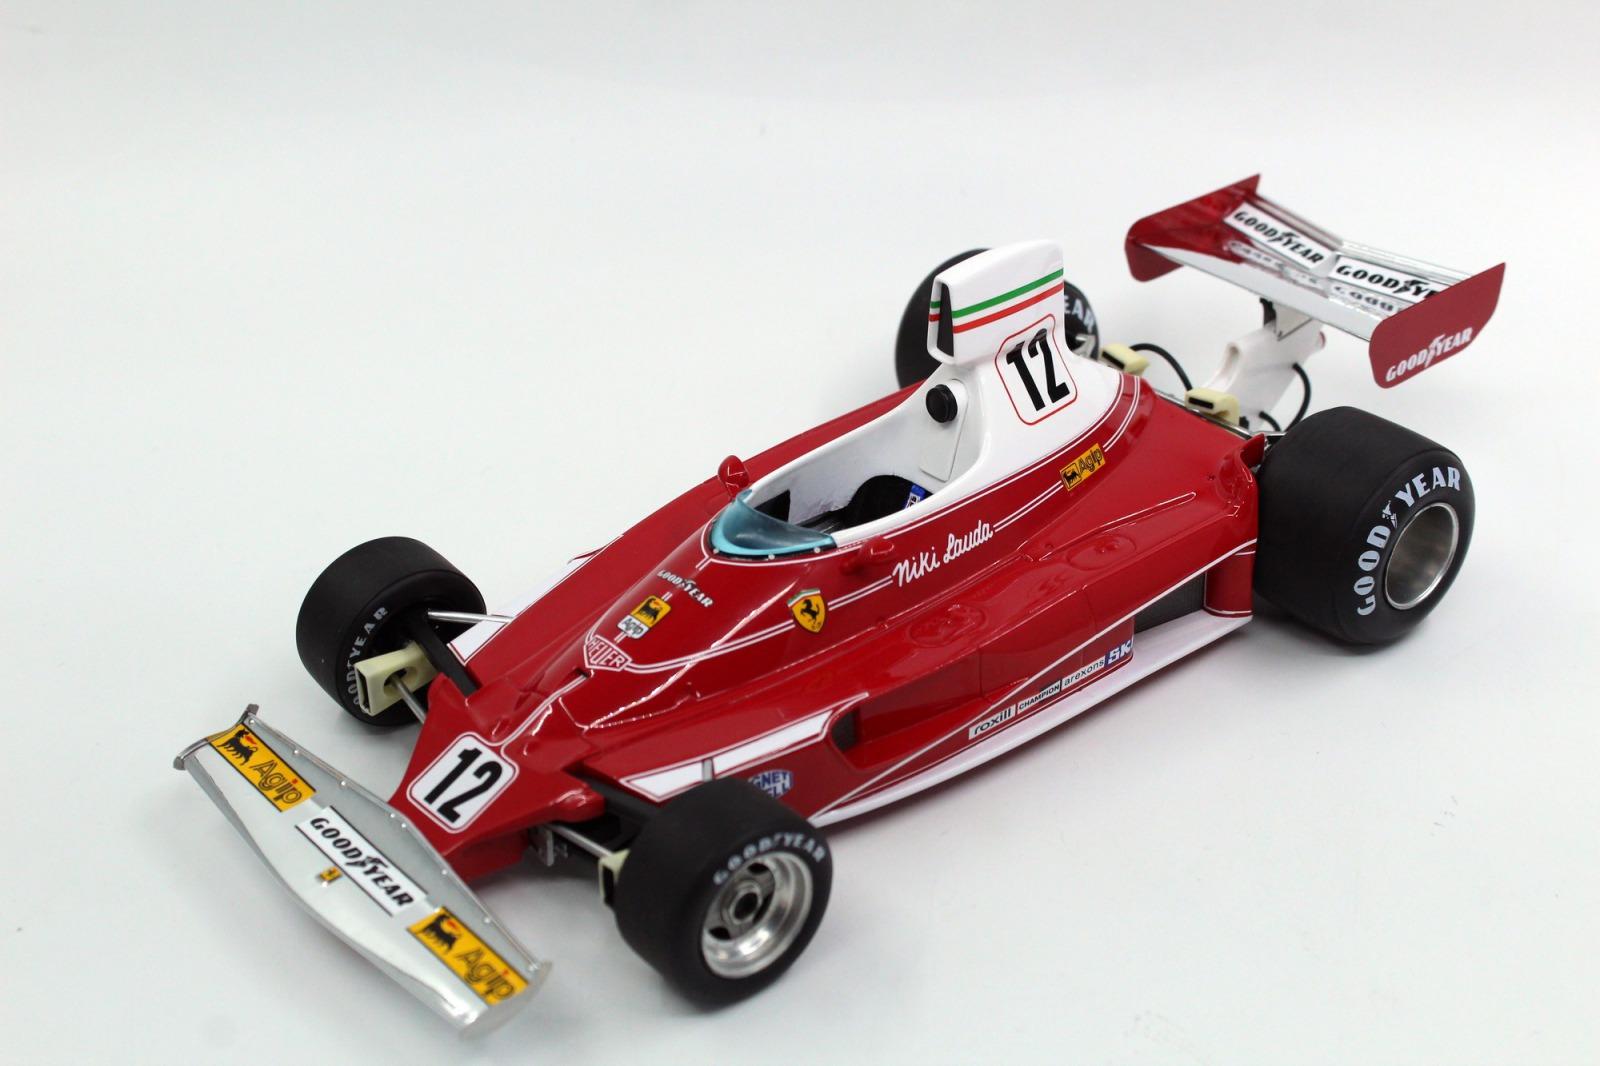 GP Replicas 1/18 ミニカー レジン プロポーションモデル 1975年シーズン フェラーリ 312 T1:18 GP Replicas Ferrari 312 T 1975 1:18 GP Replicas